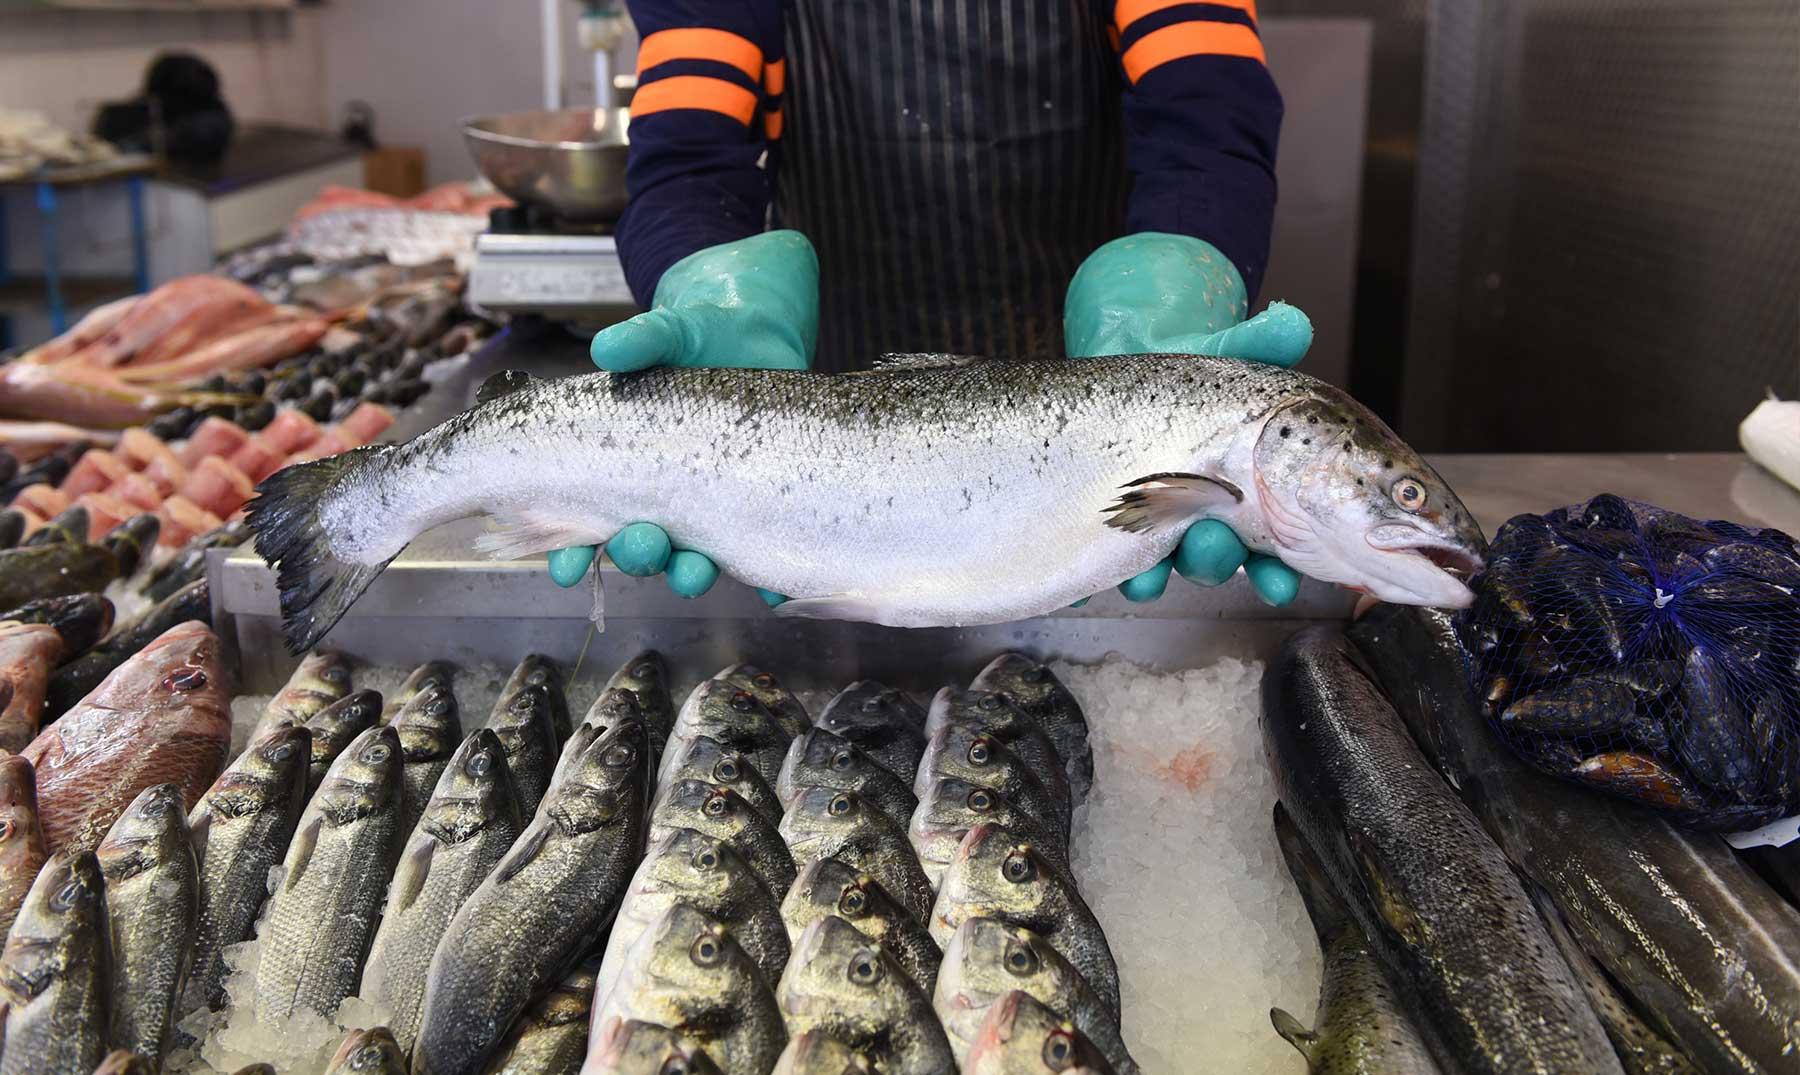 Cómo montar una pescadería | Iniciar un negocio de pescados y mariscos